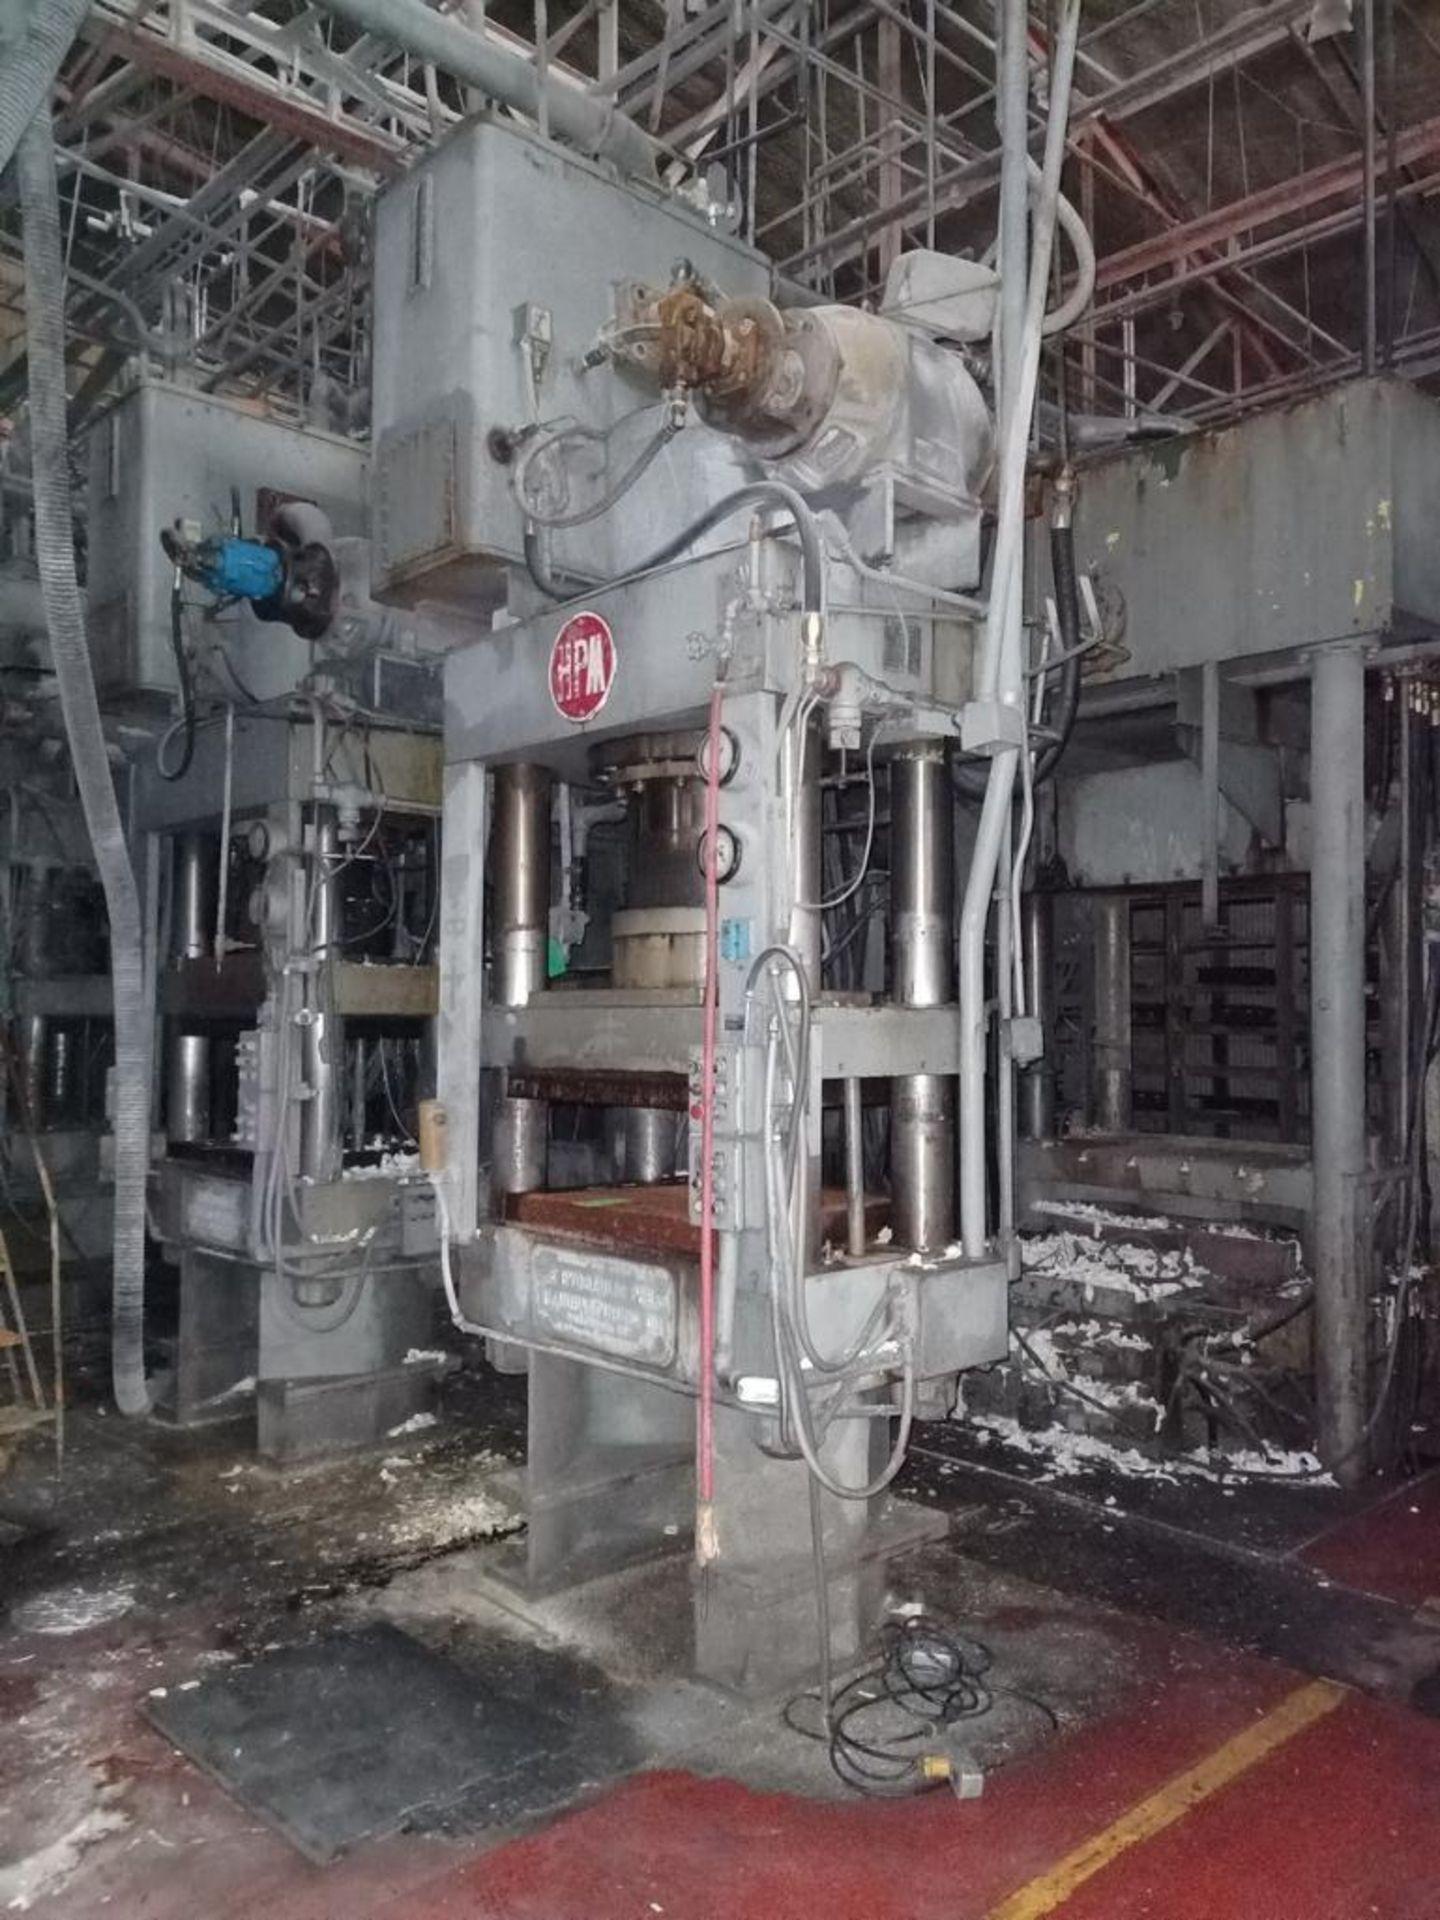 Lot 46 - HPM Mdl. HD400R38X30 400T 4-Post Compression Molding Press